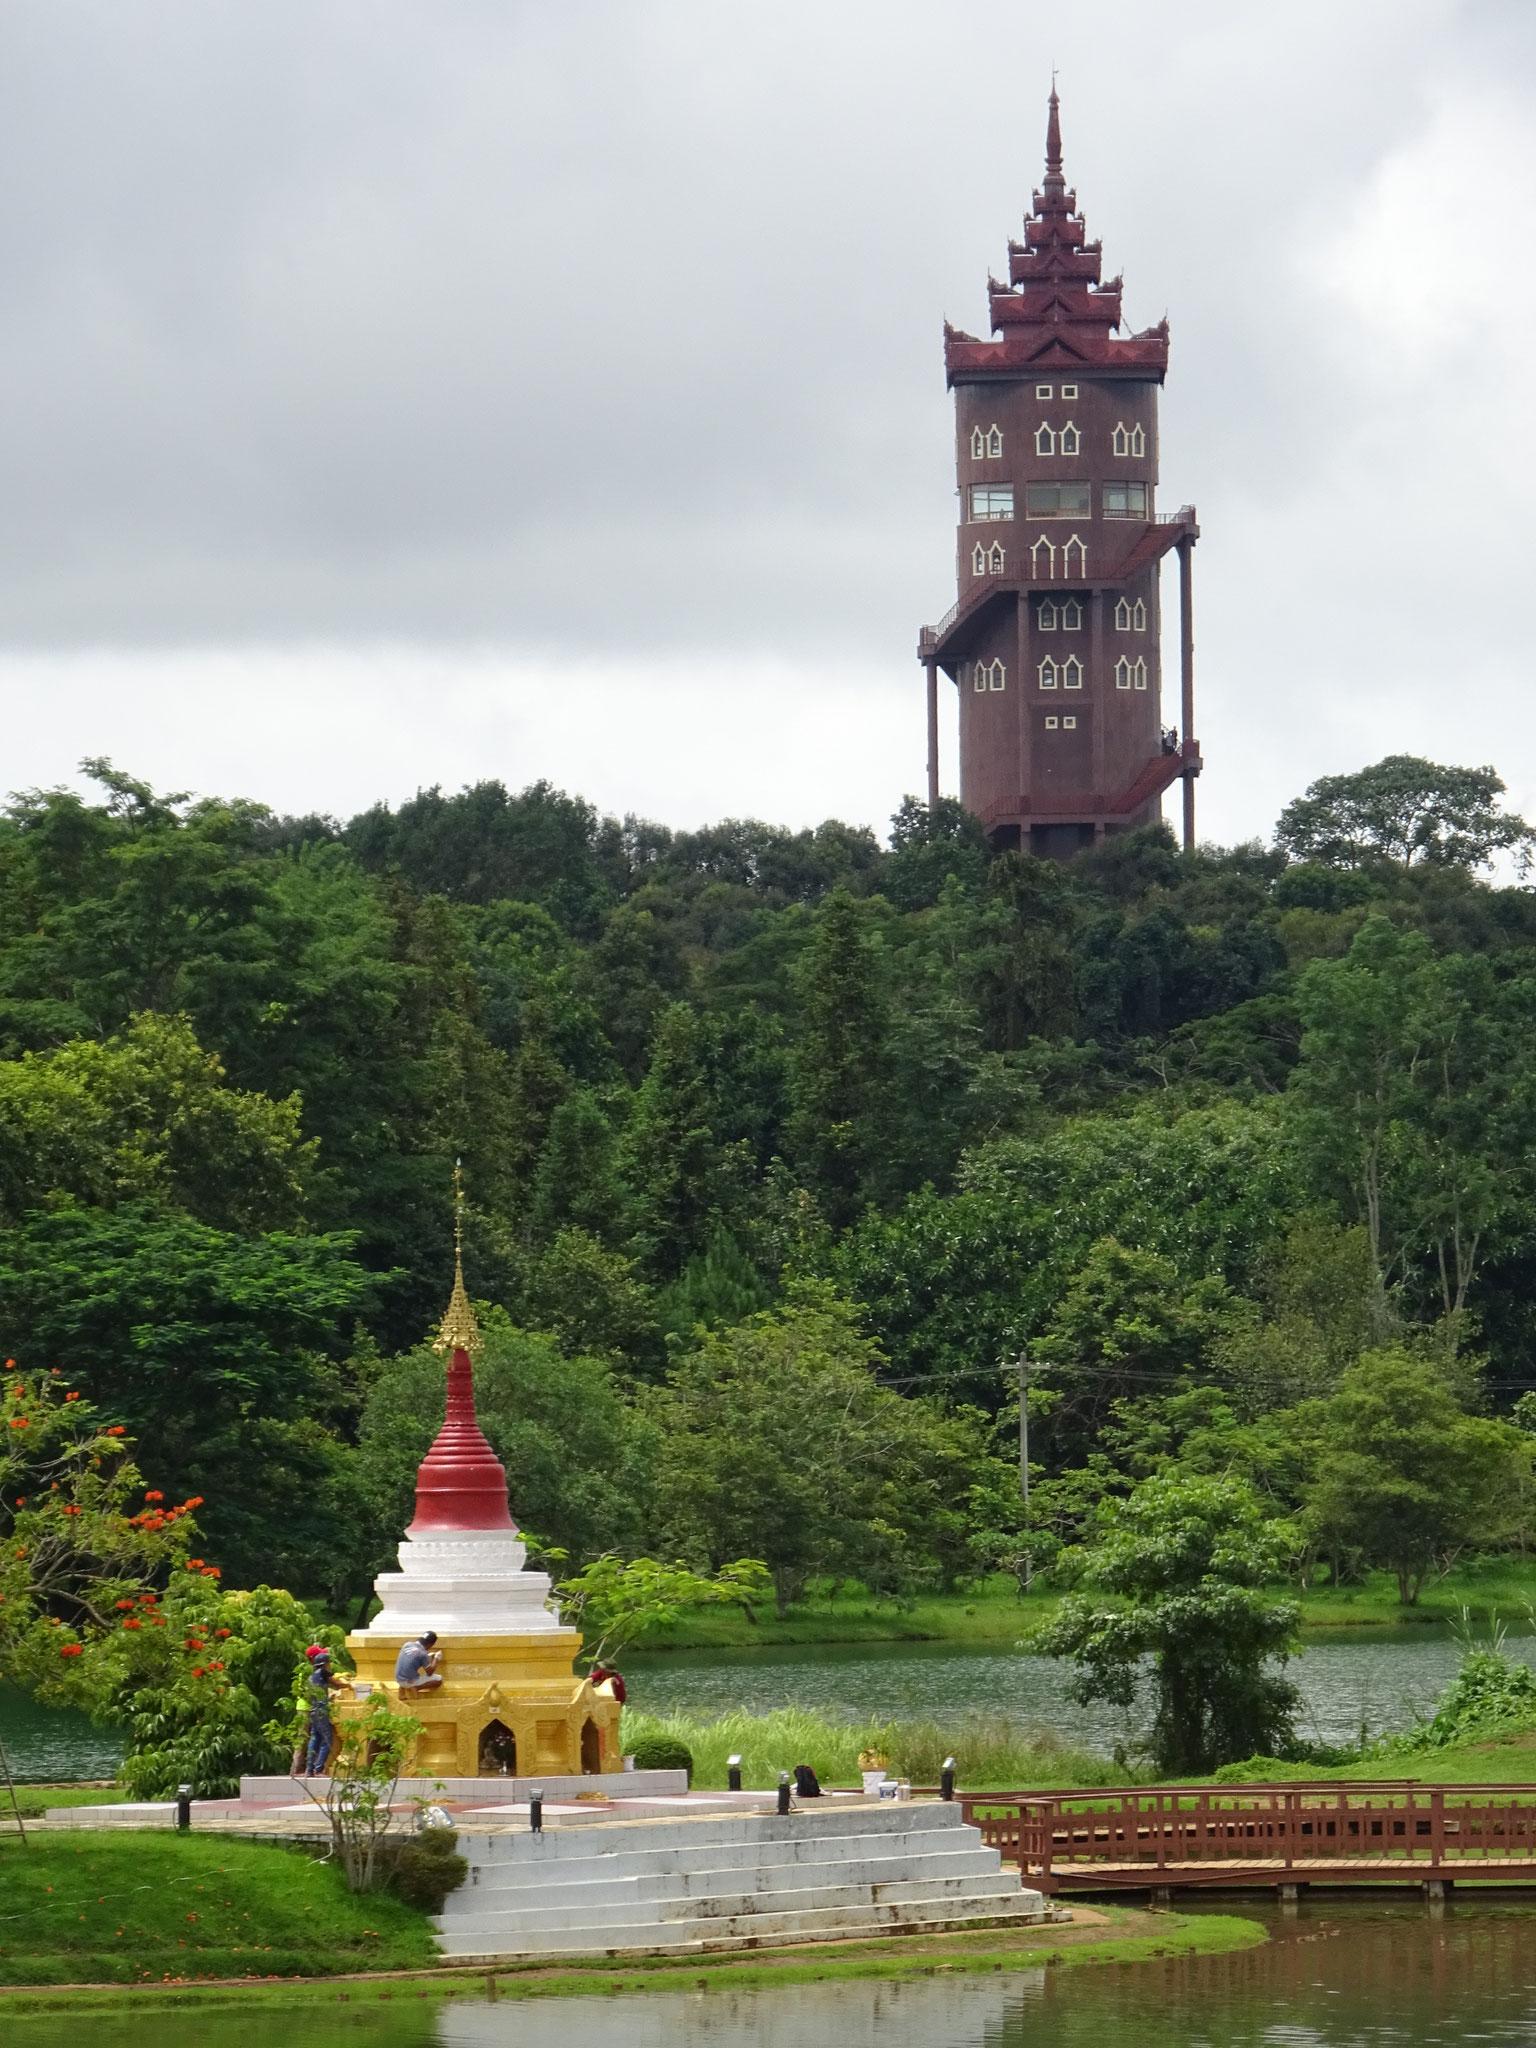 Im Maymyo Botanical Garden/National Kandawgyi Park